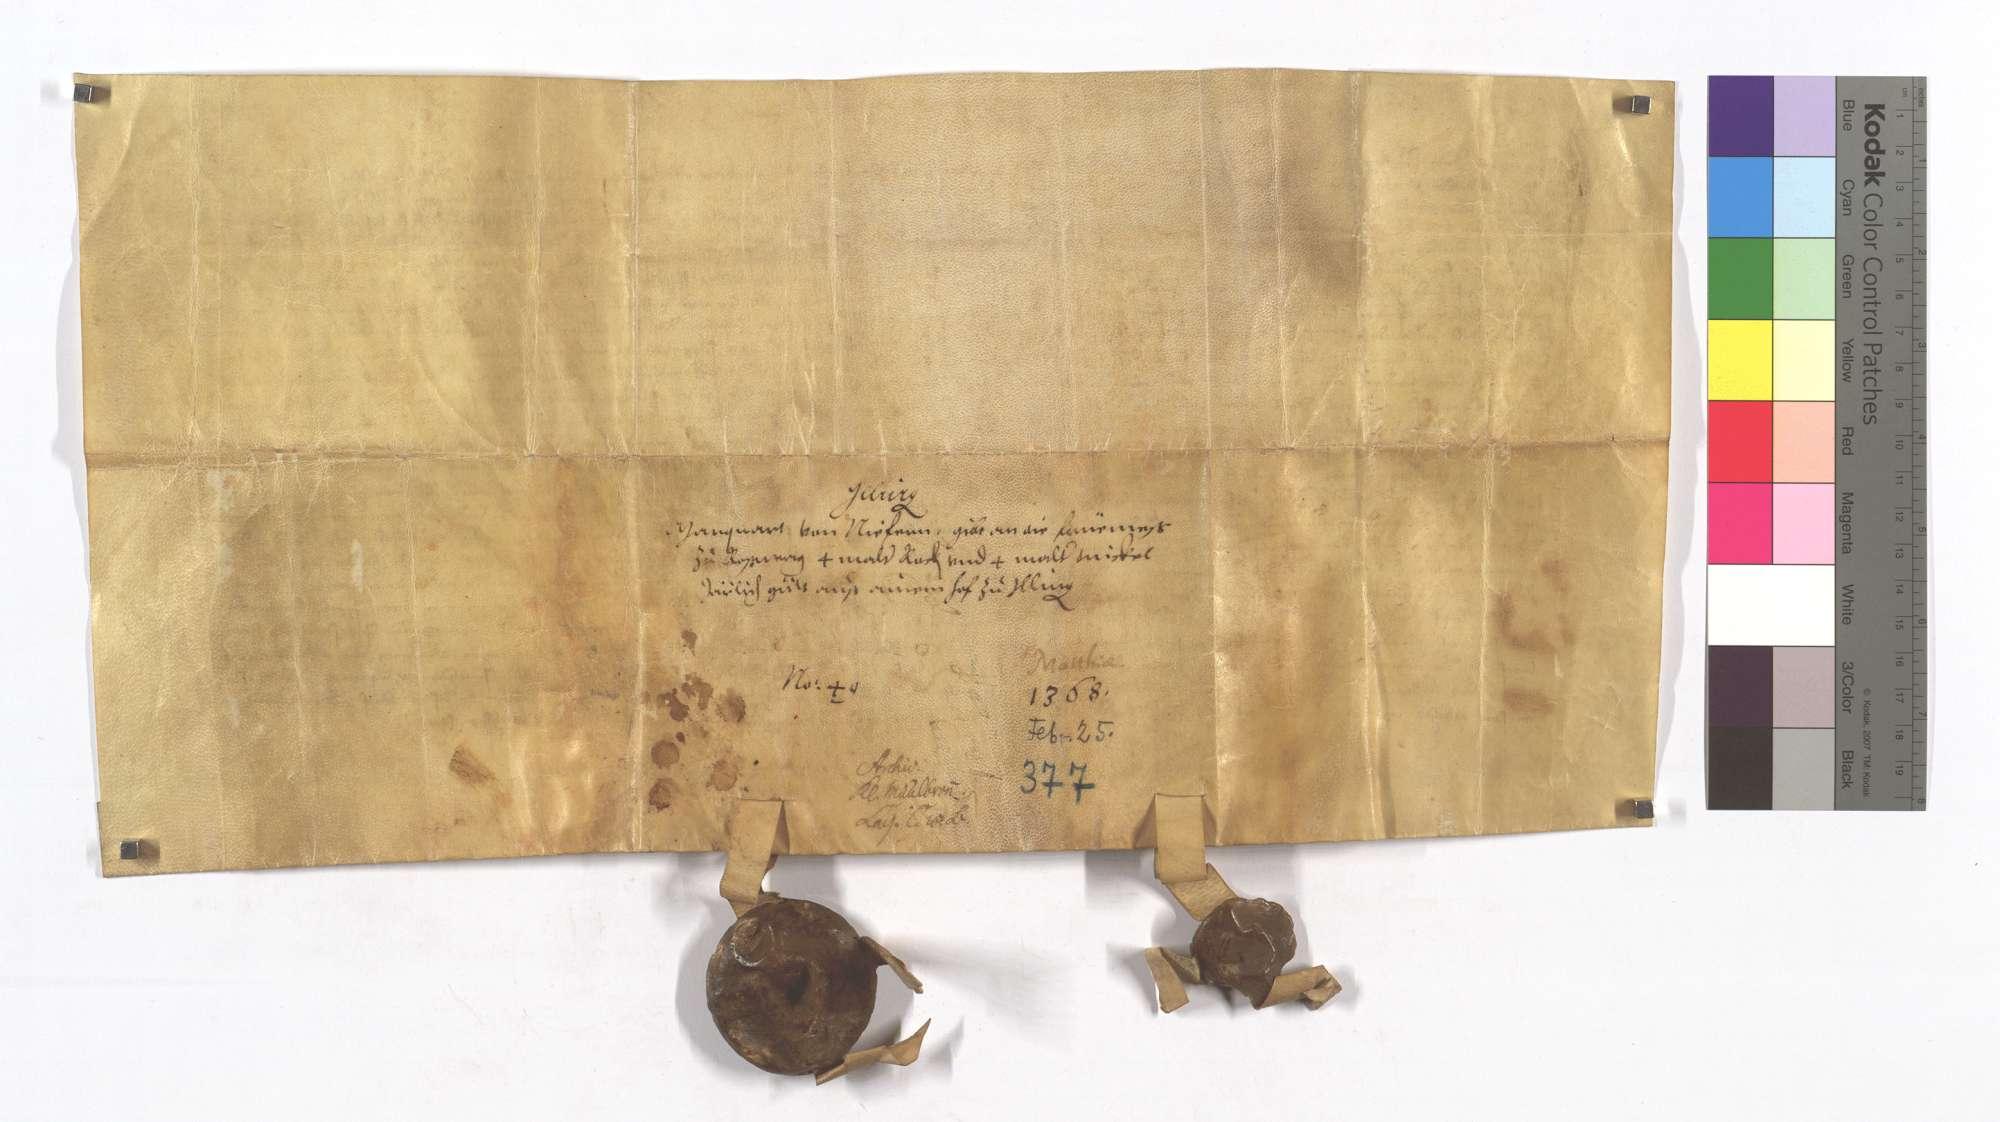 Marquard von Niefern verkauft der Frühmess in Roßwag eine jährliche Korngült von 4 Malter Roggen und 4 Malter Dinkel aus einem Hof in Illingen., Rückseite